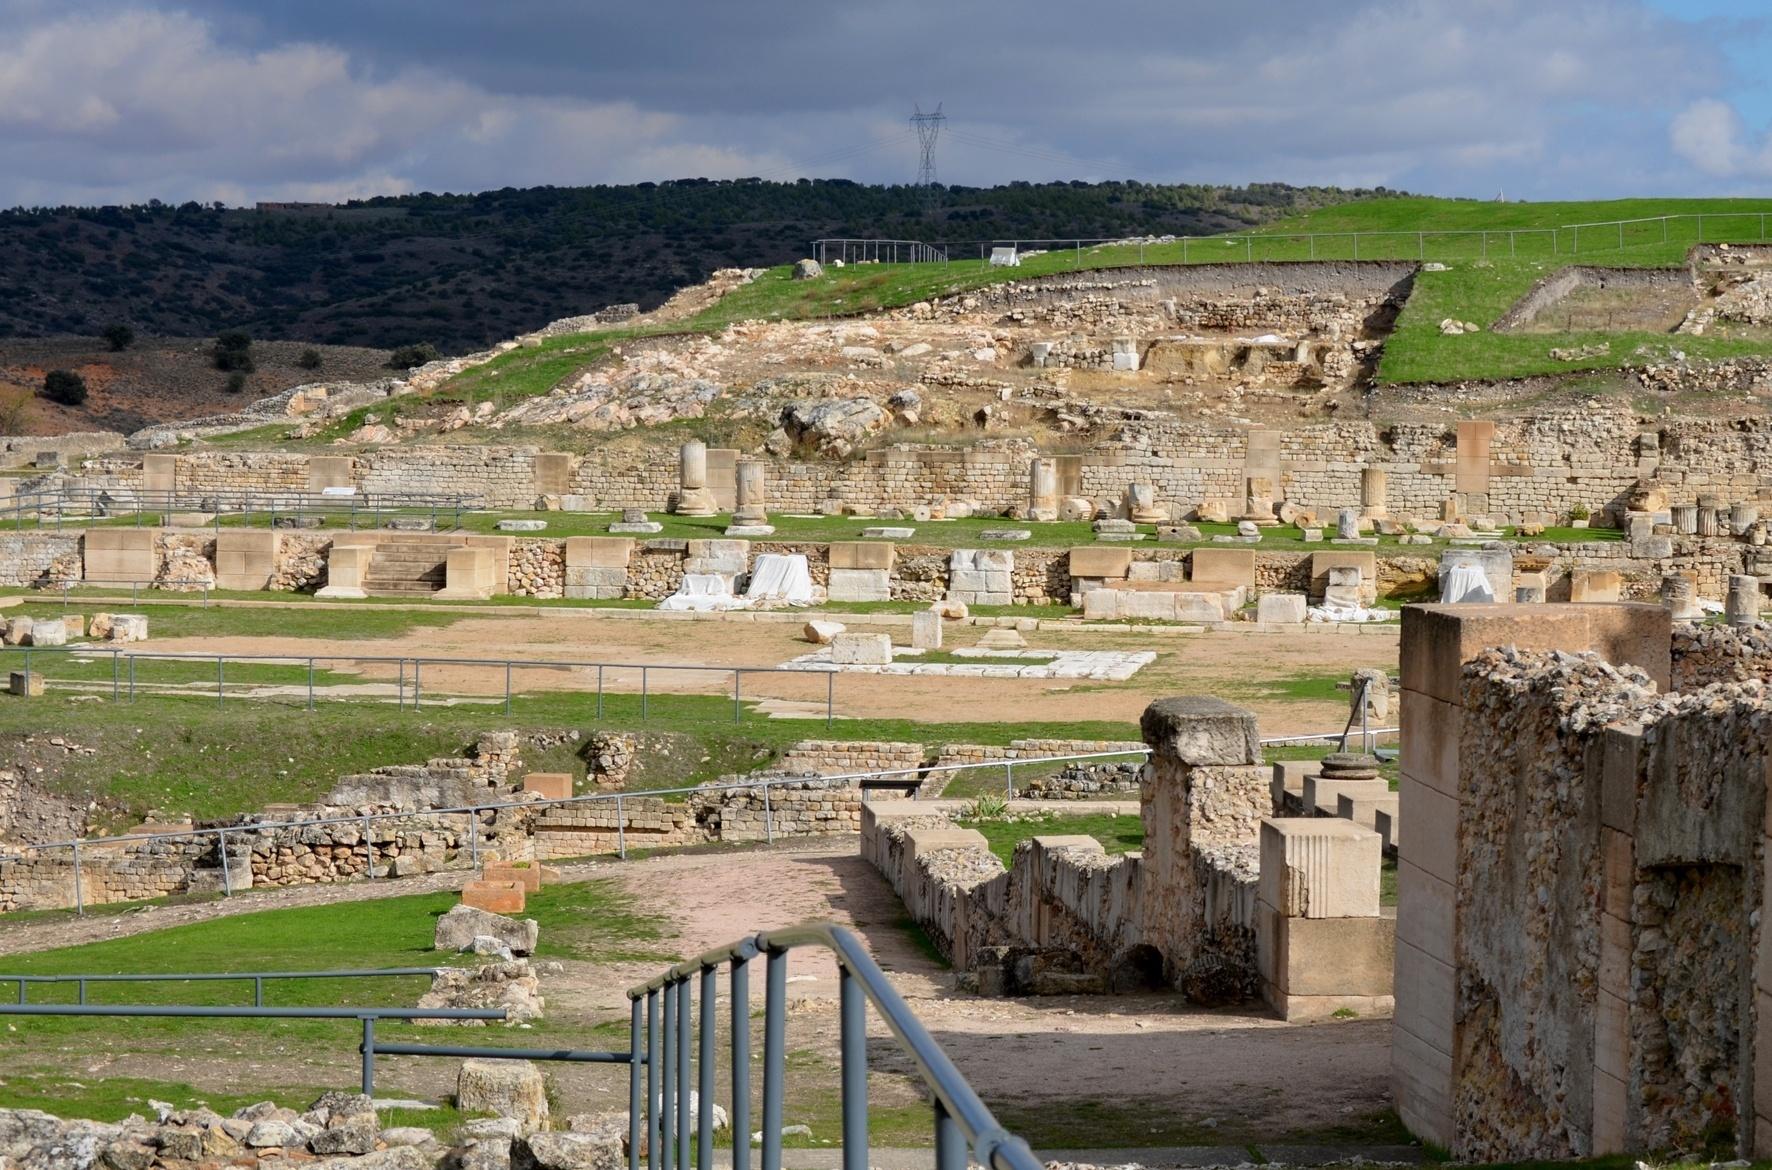 La entrada al Parque Arqueológico de Segóbriga será gratuita durante la primera quincena de octubre